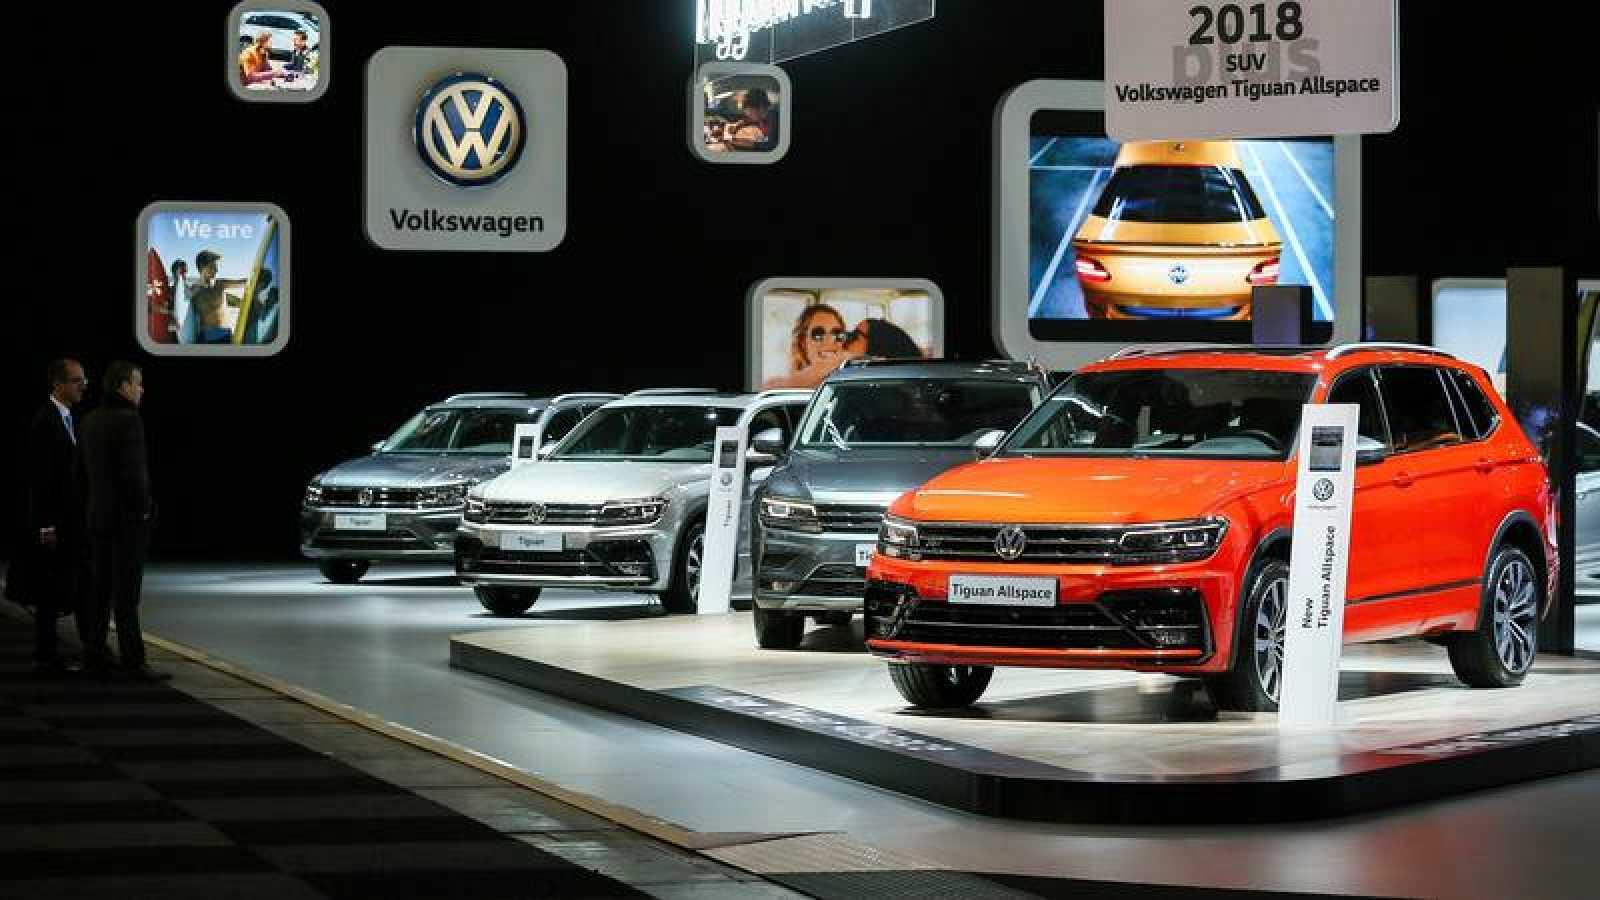 Coches Volkswagen en un expositor